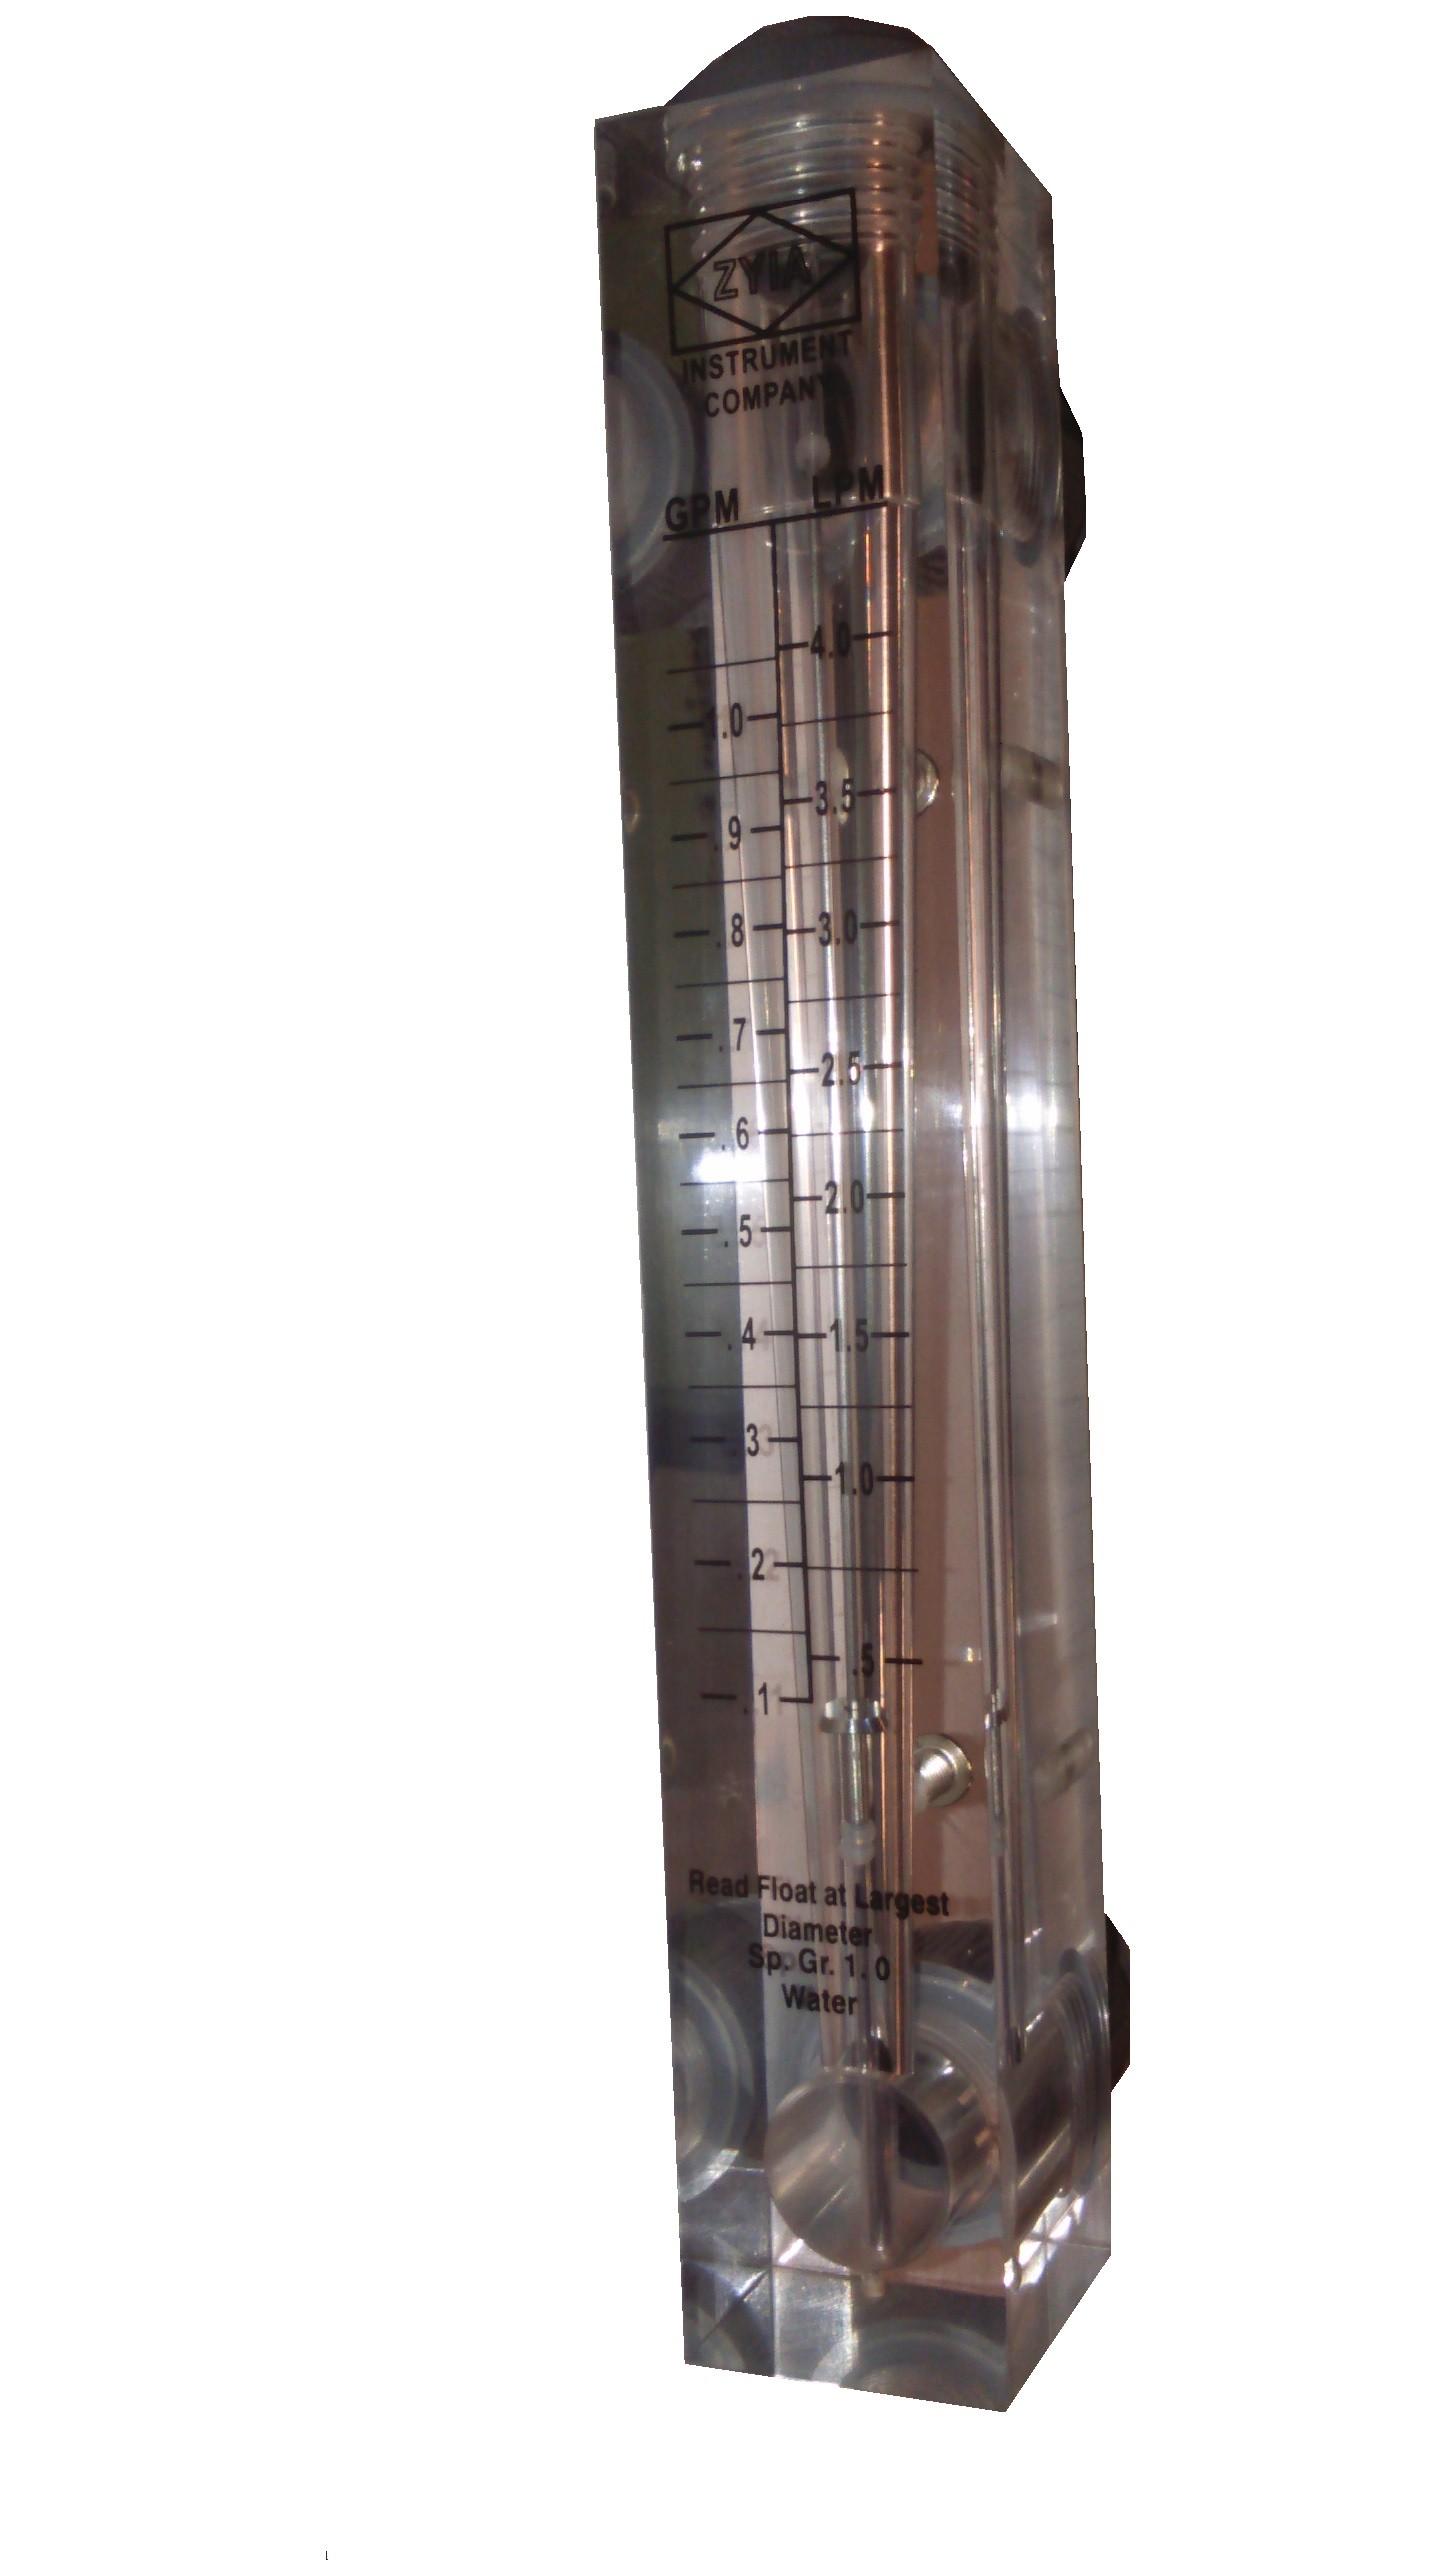 Rotametr bez regulacji do wody 0,1 - 1,0 GPM